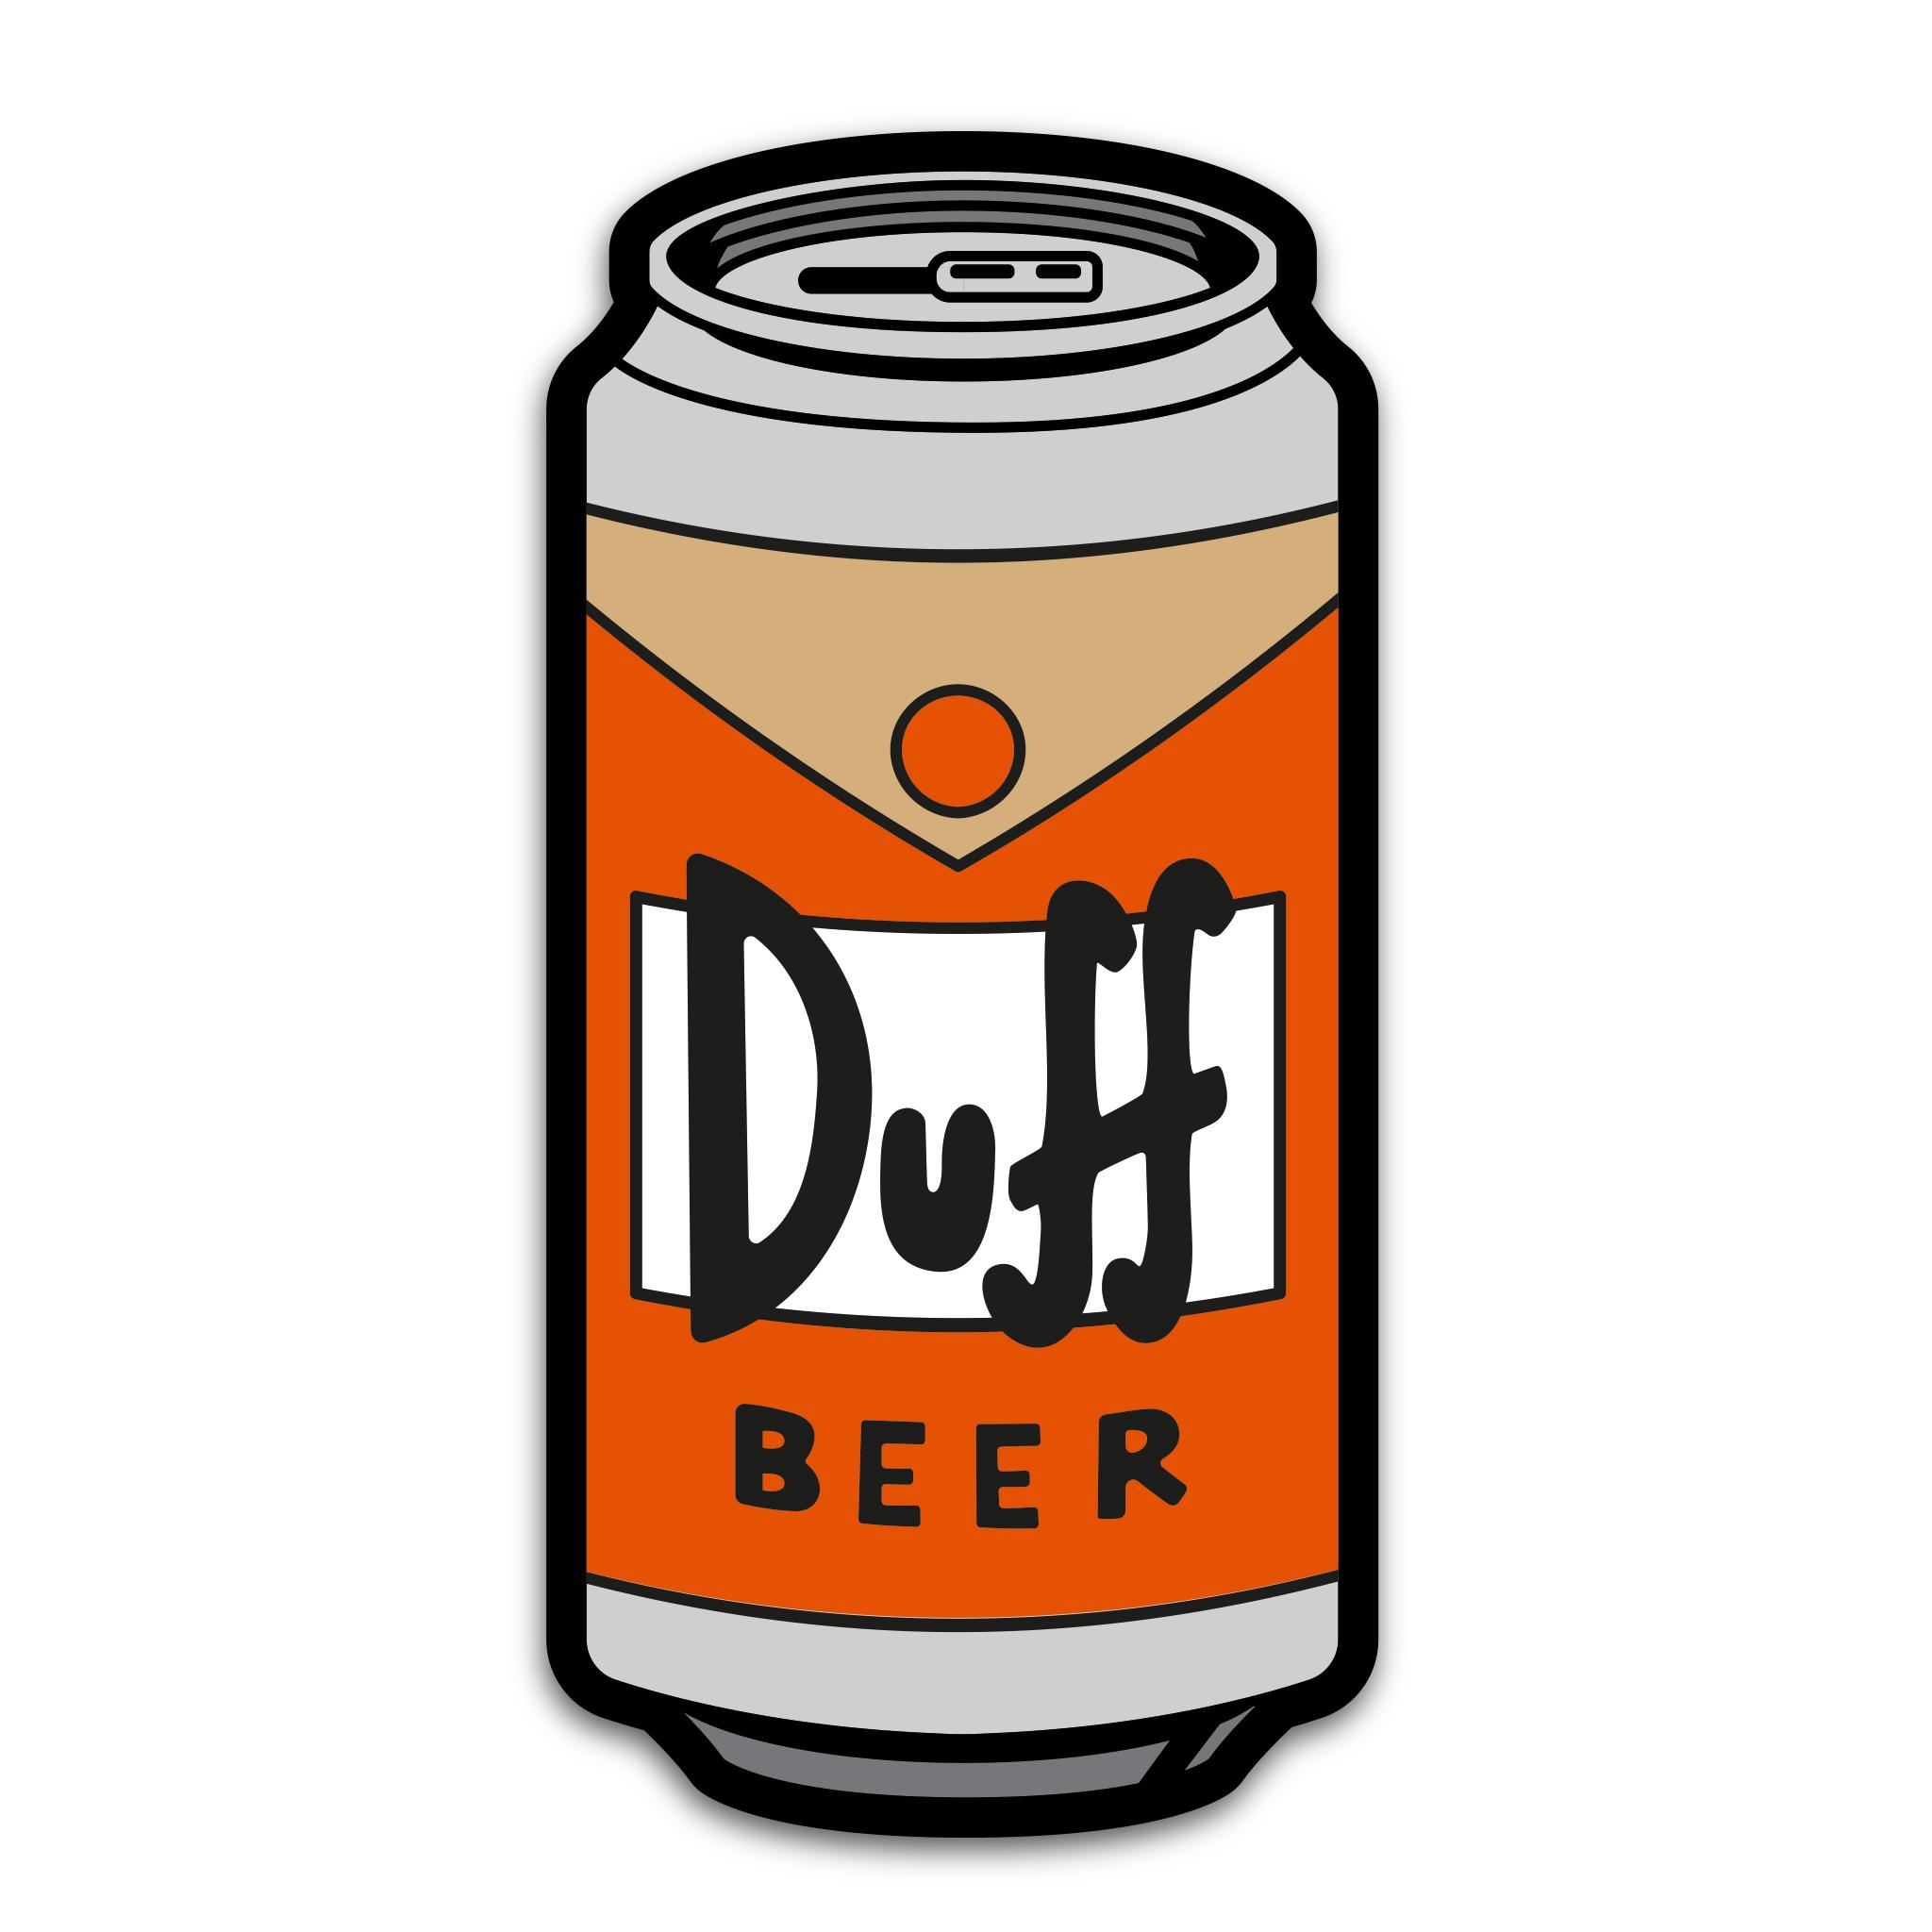 Duff Beer Duff Beer The Duff Beer Pong Table Designs